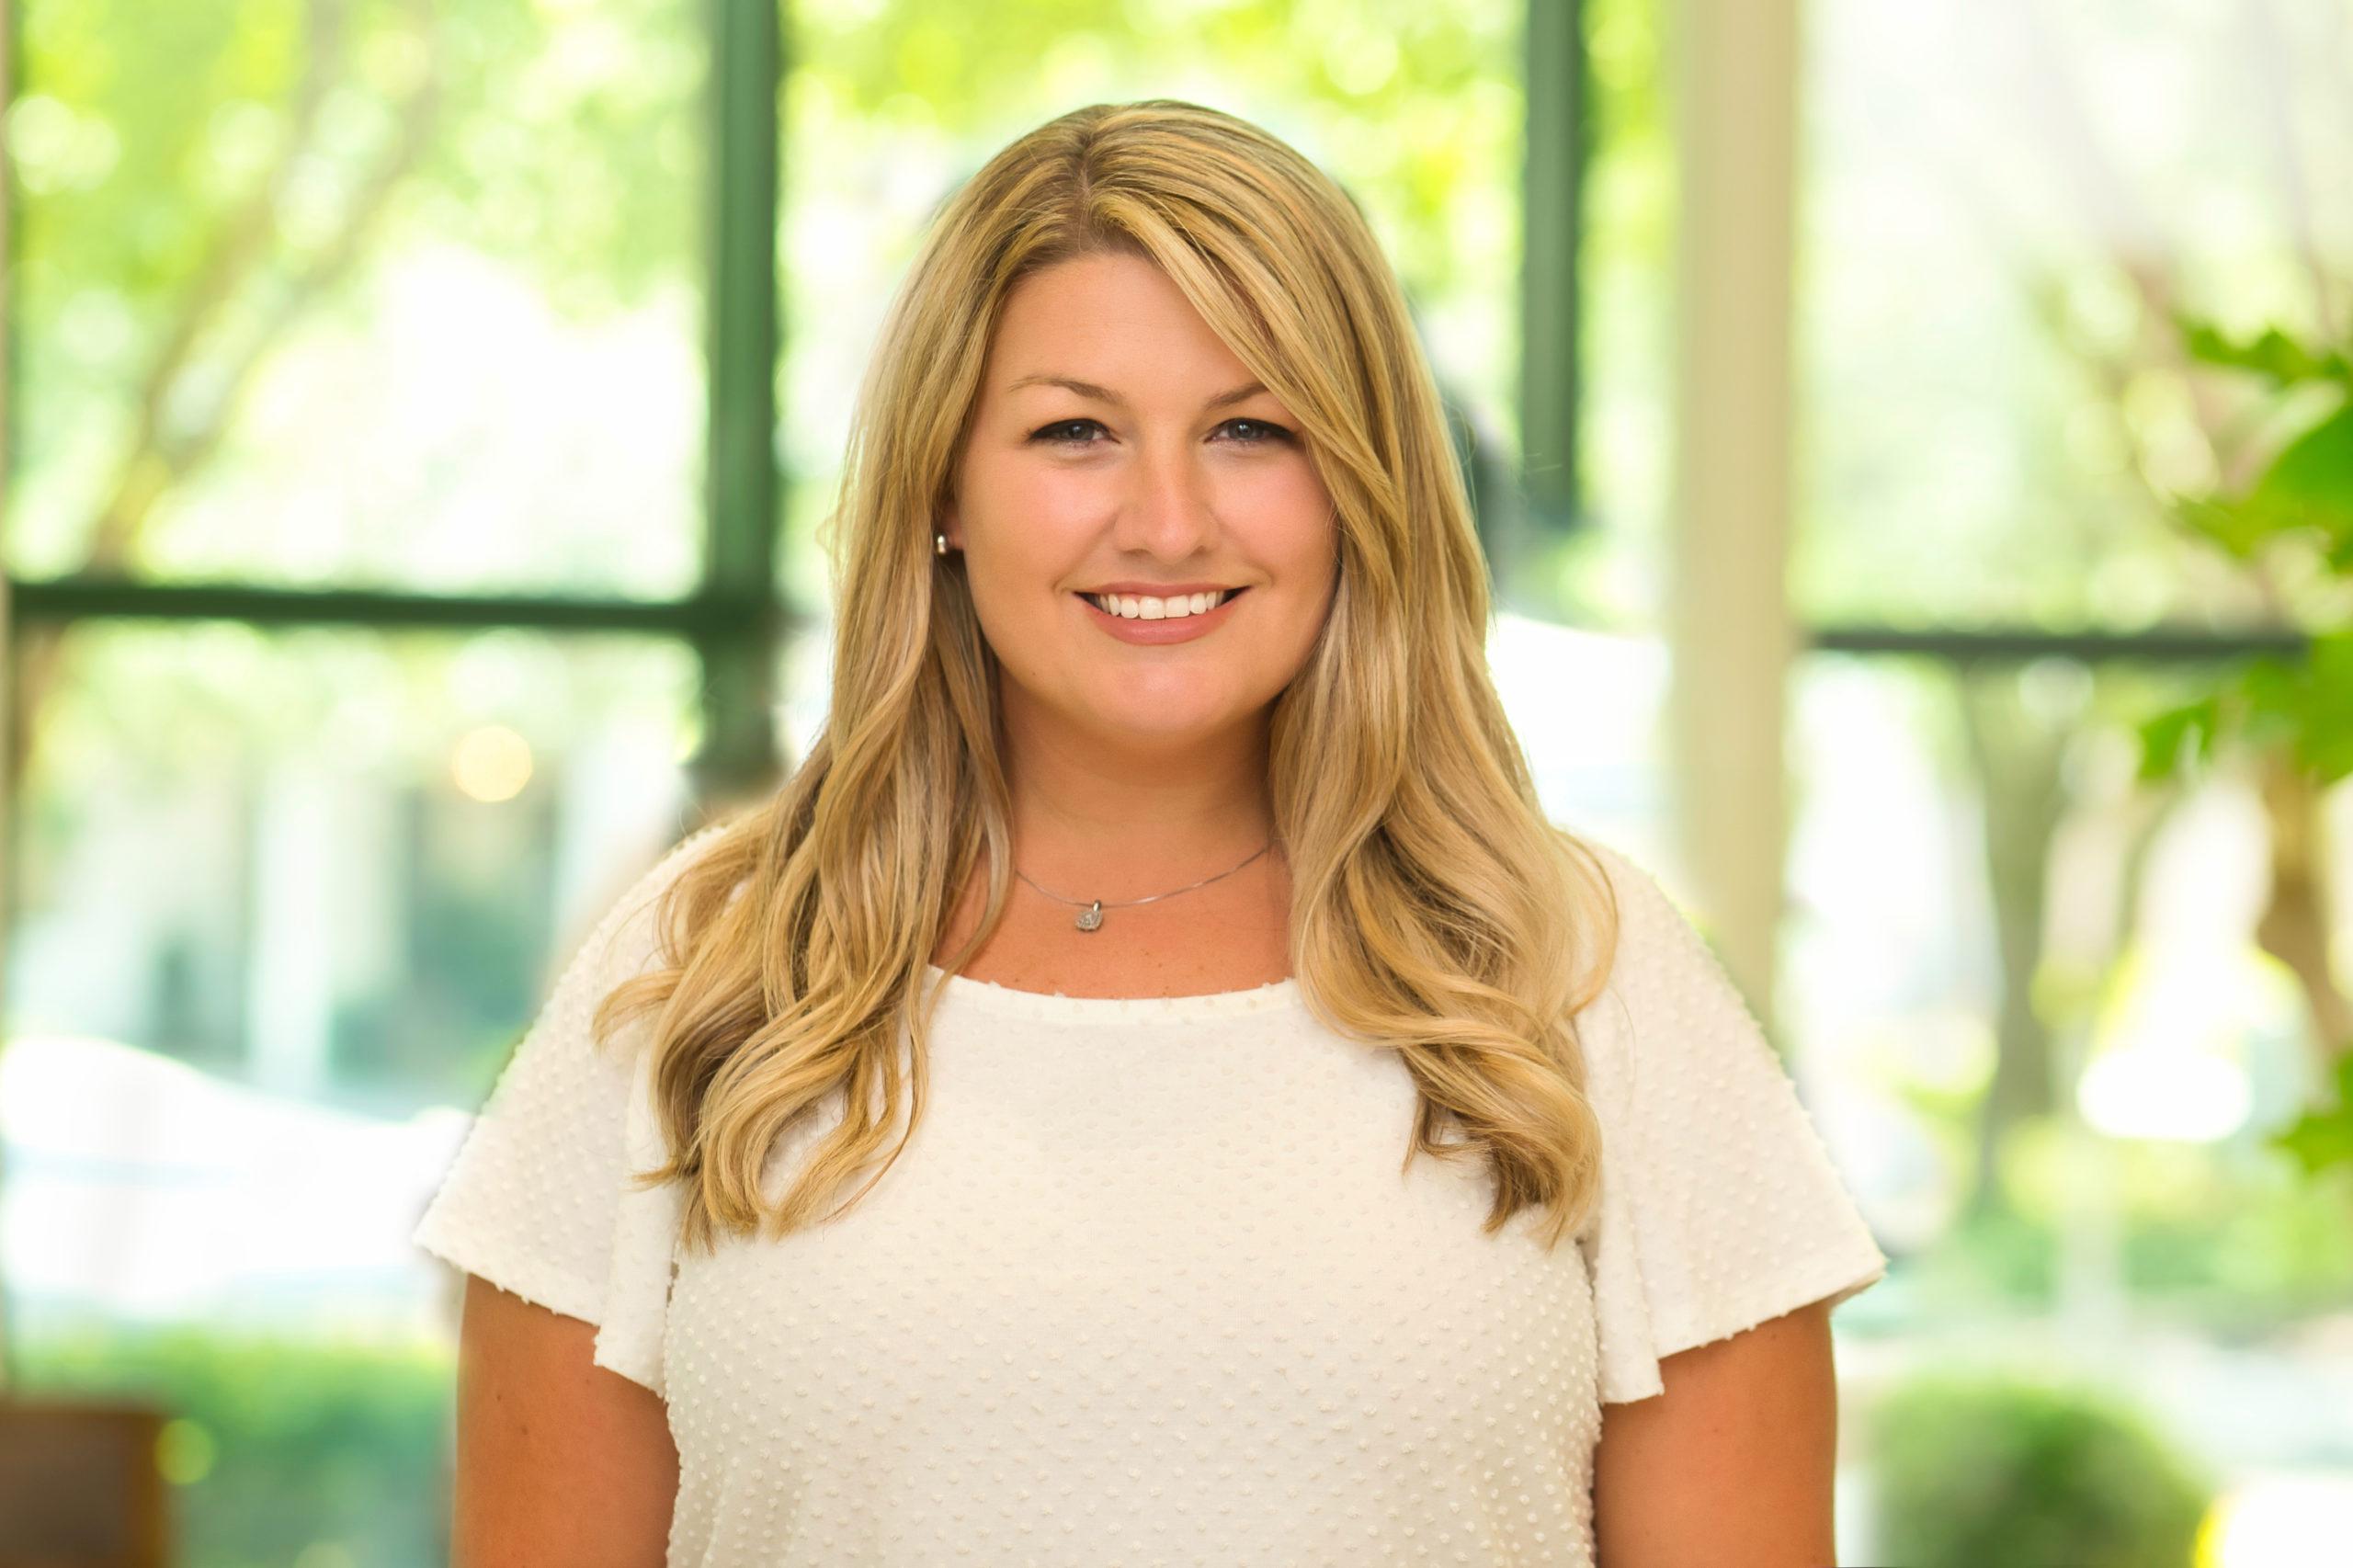 MMC Financial Jessica Guinn